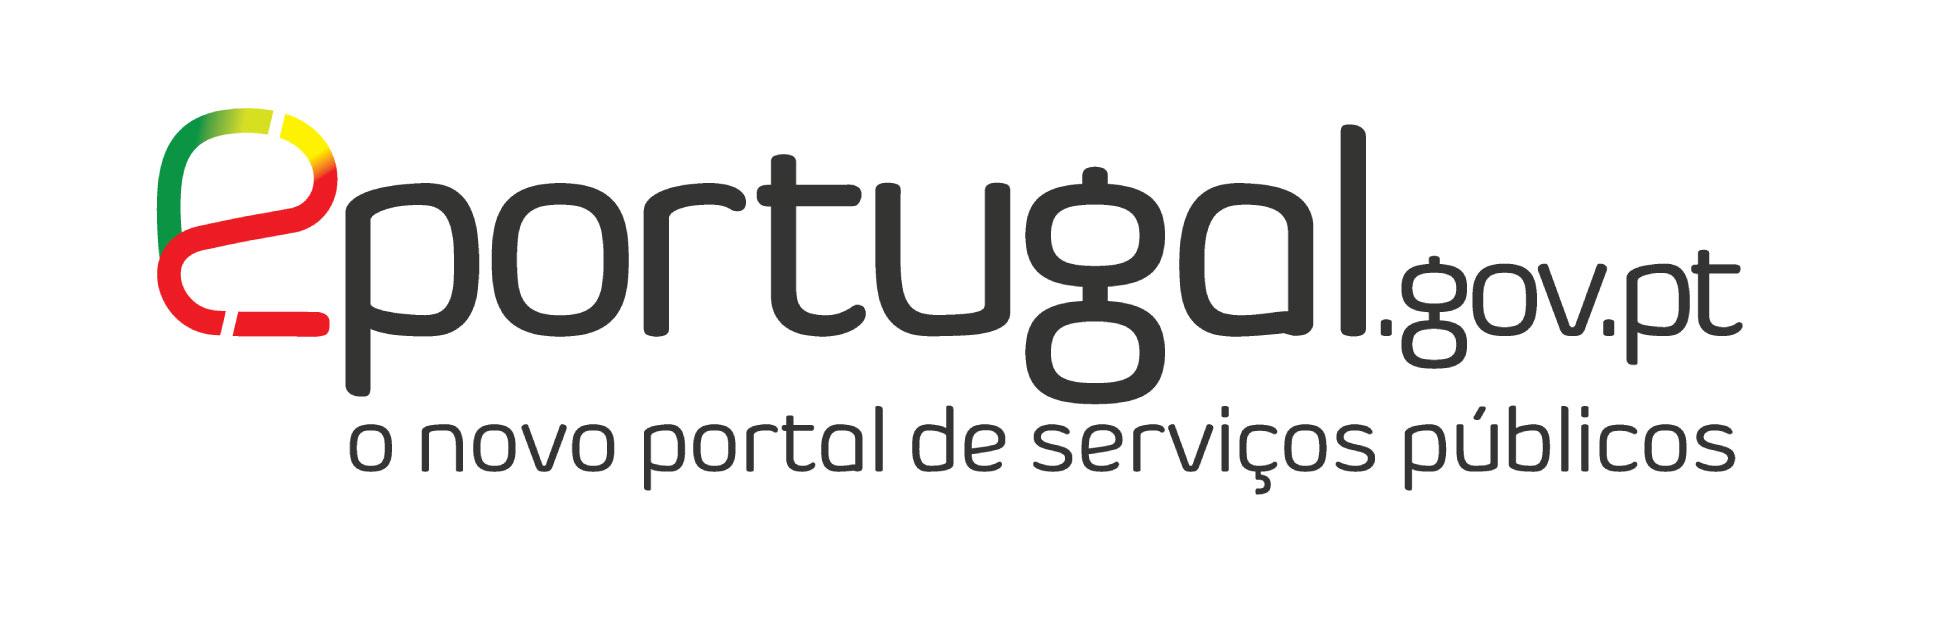 ePortugal: o novo portal tem todos os serviços da AP e uma visão geral da posição do cidadão face às Finanças e Saúde